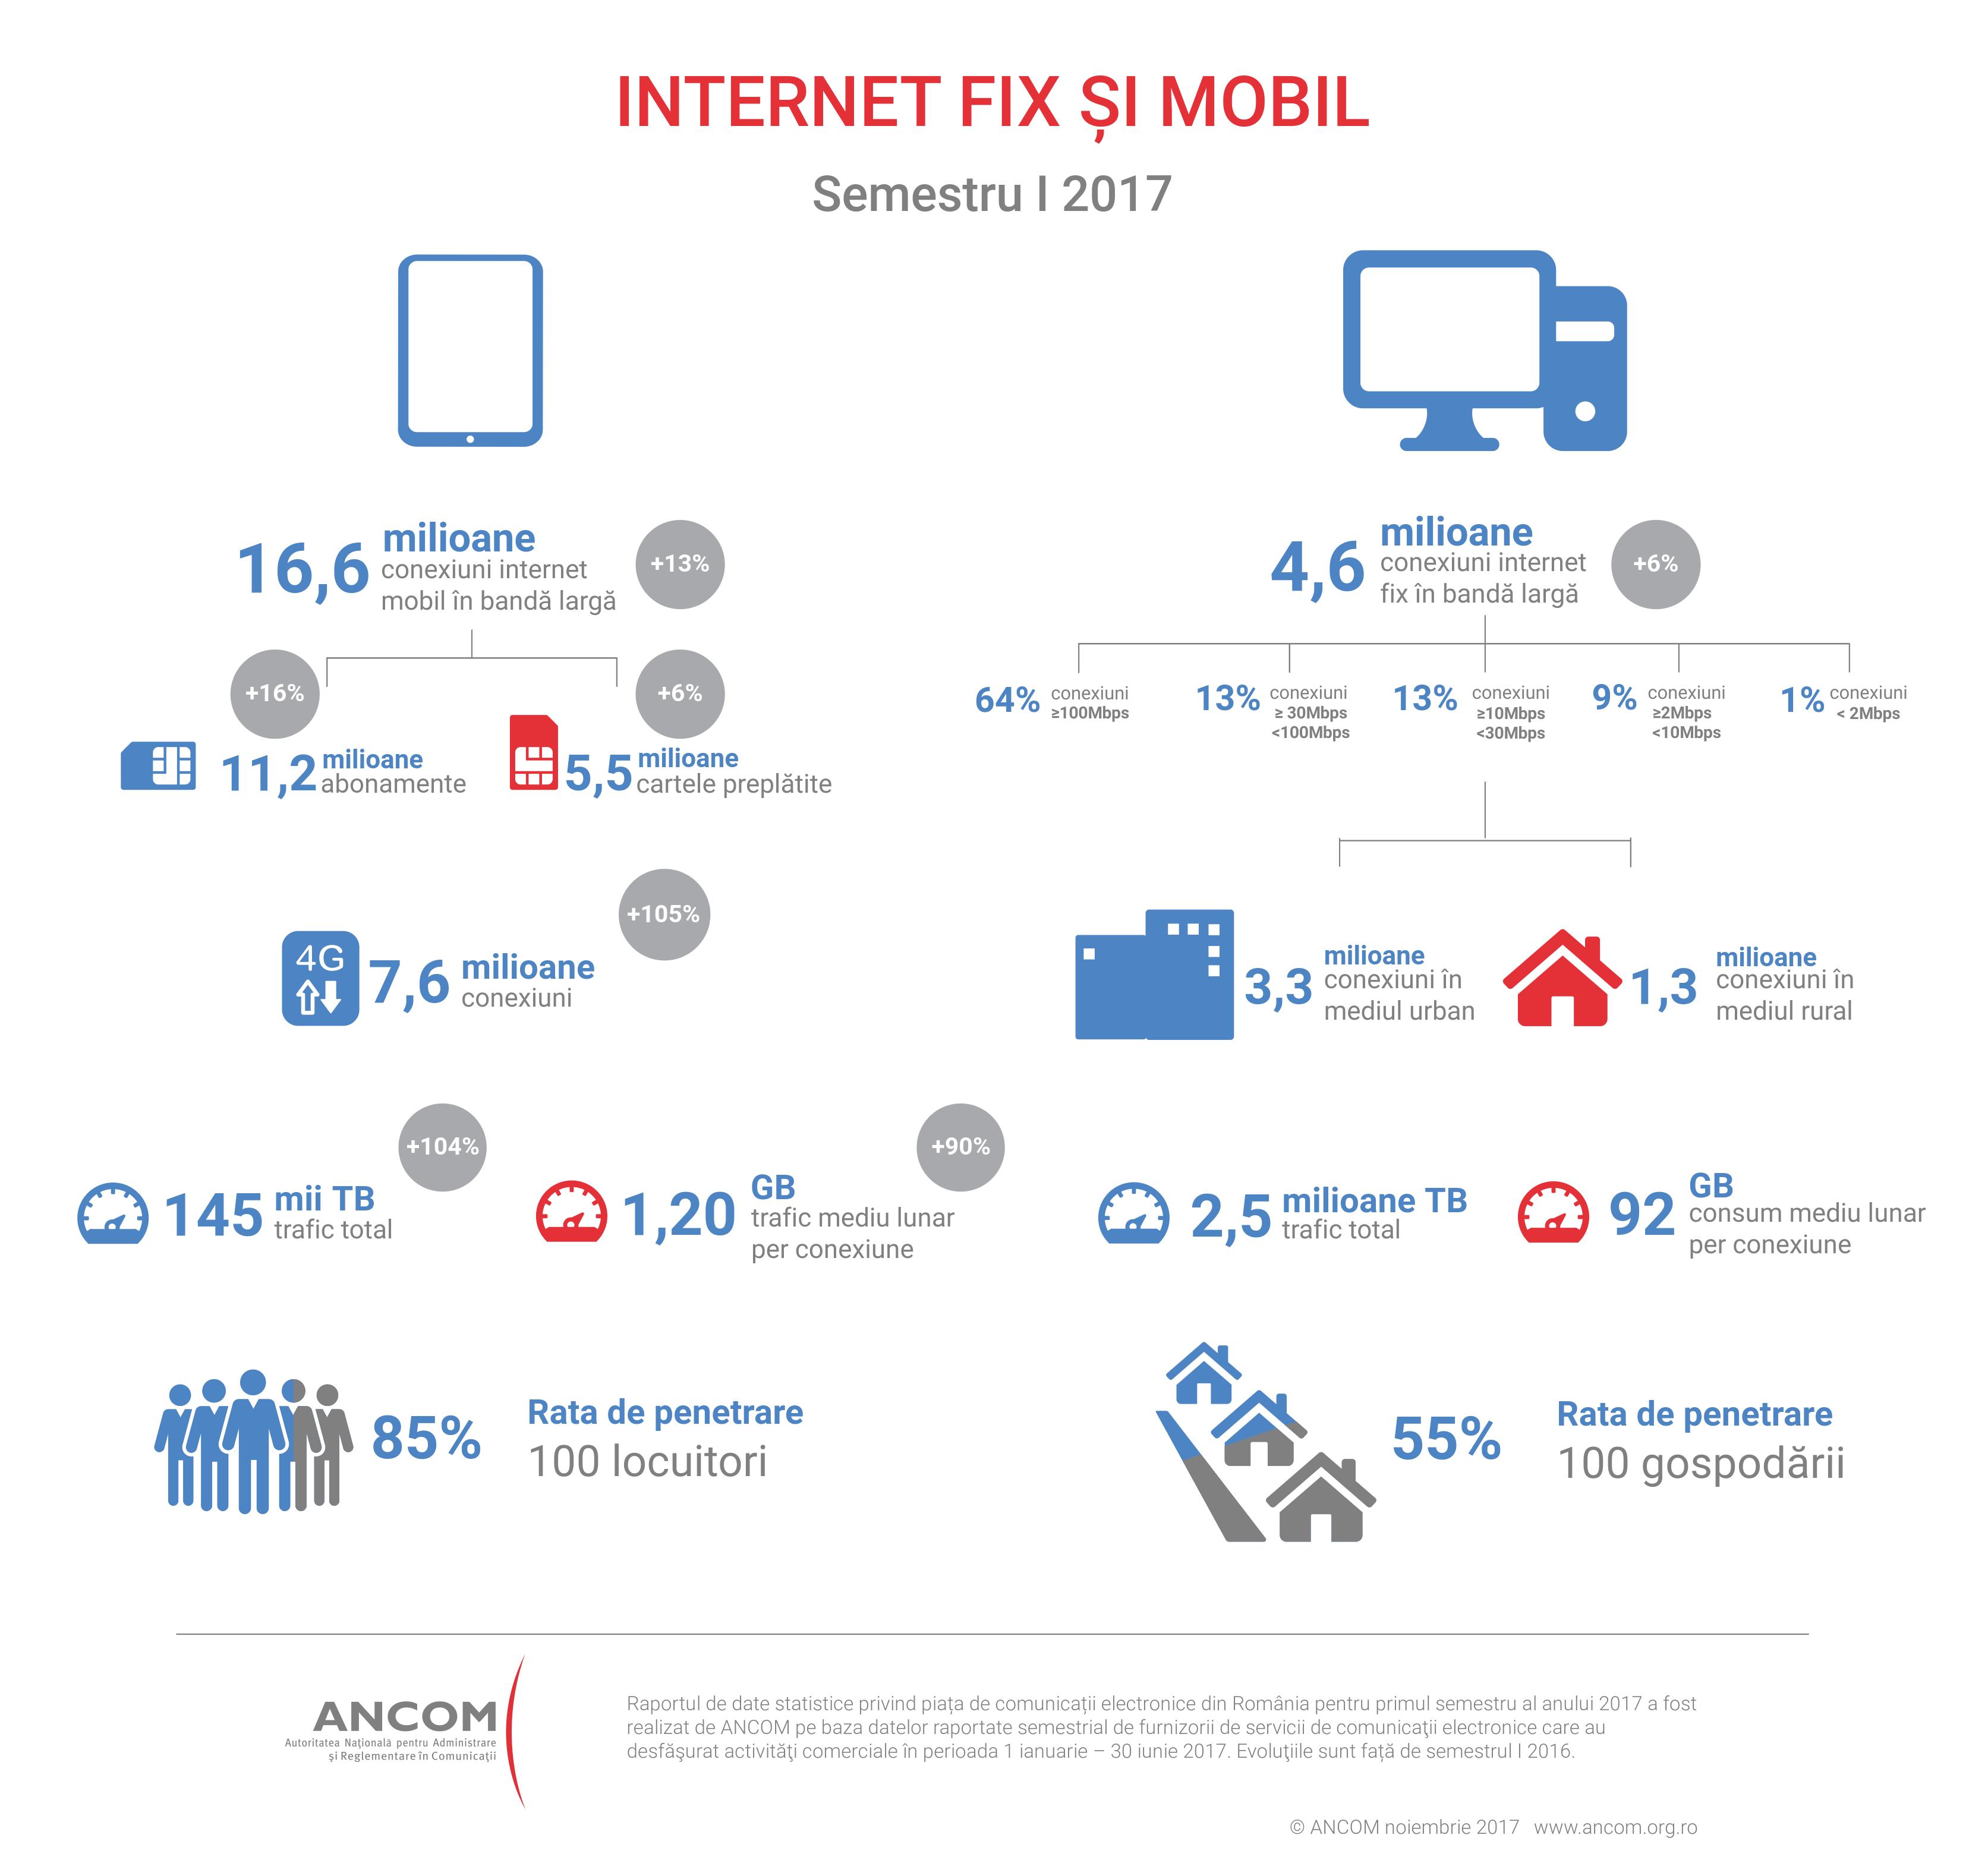 internet fix si mobil Romania s1 2017